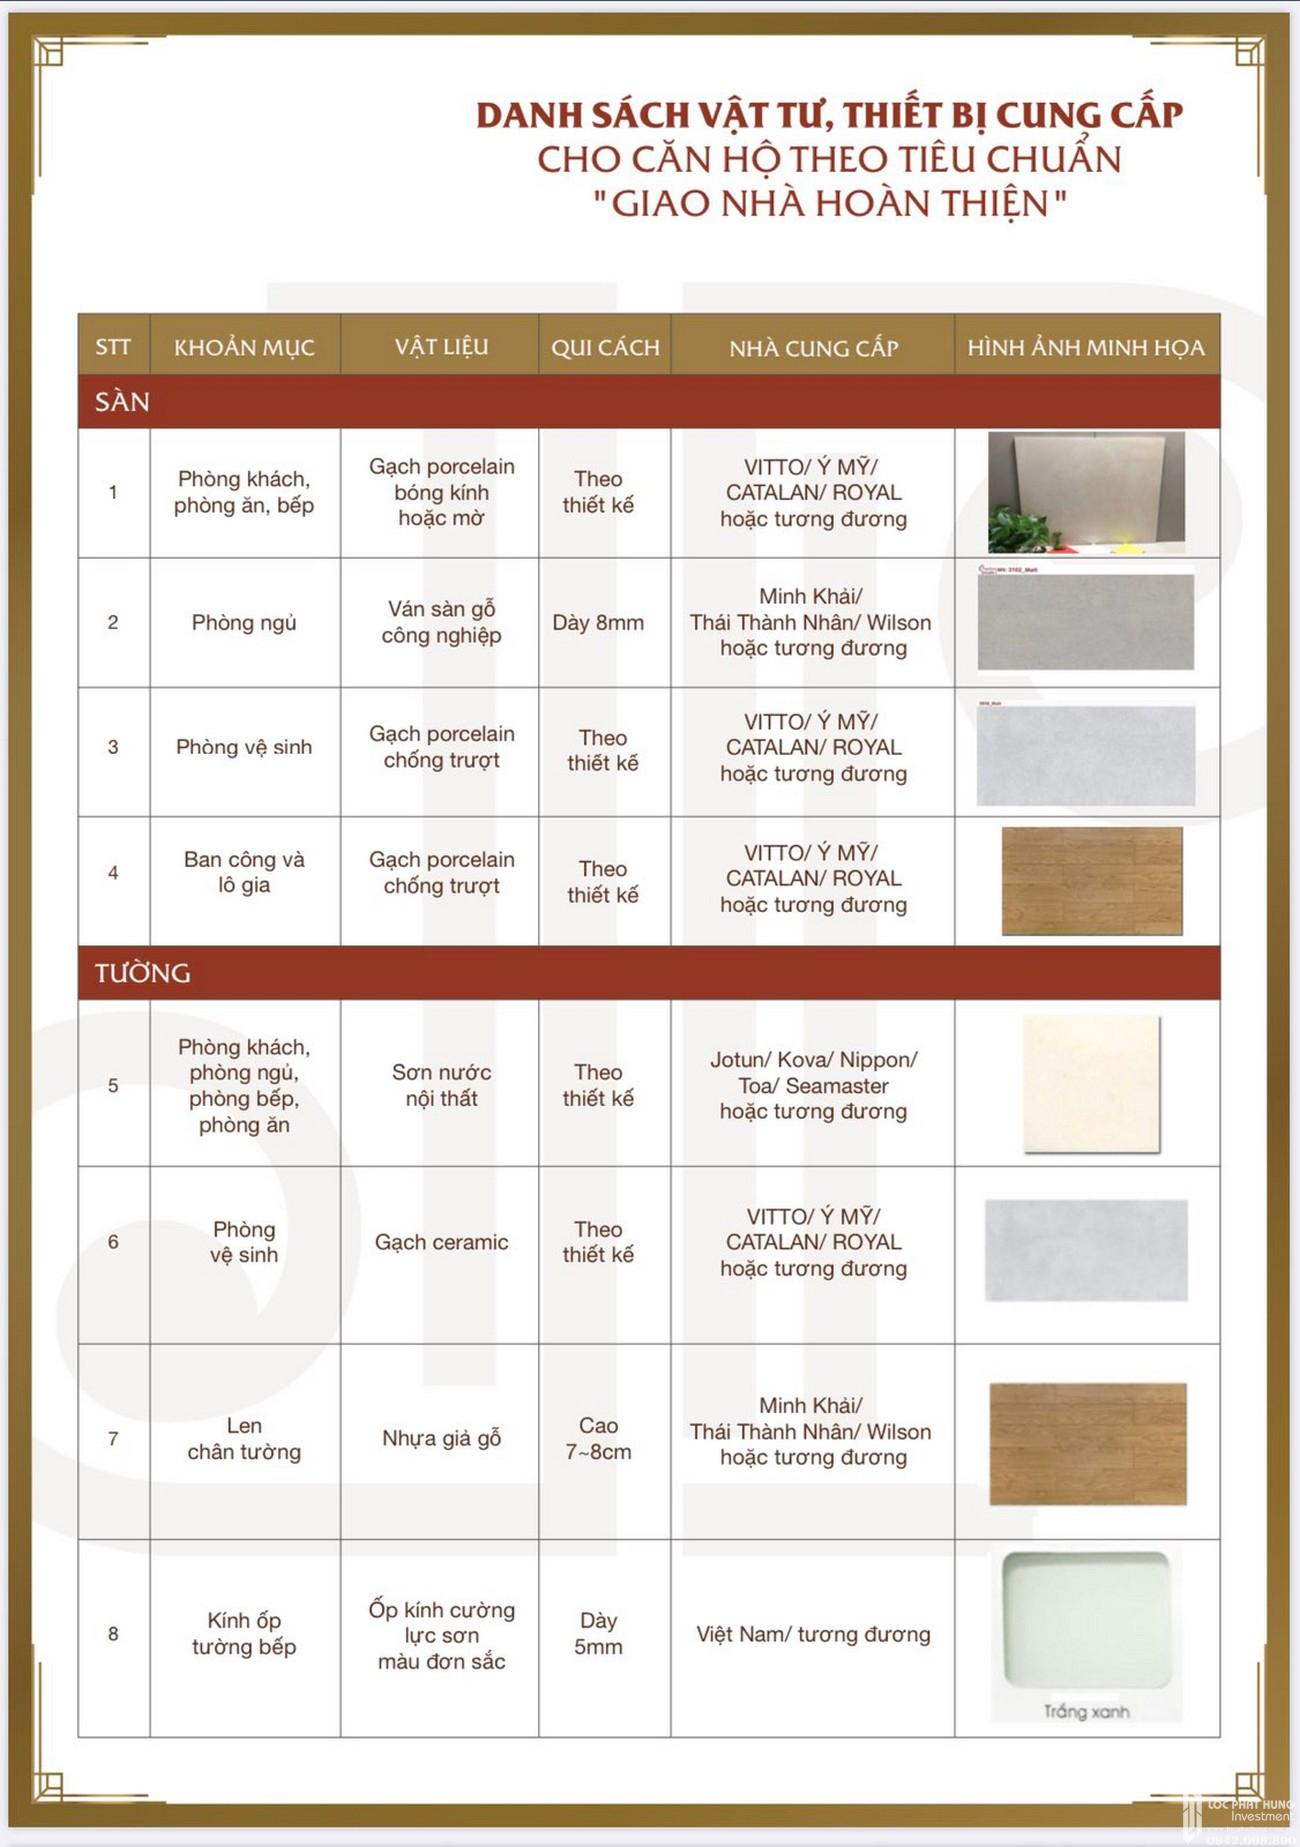 Nội thất dự án căn hộ chung cư Astral City Thuận An Đường Quốc lộ 13 chủ đầu tư Phát Đạt Group